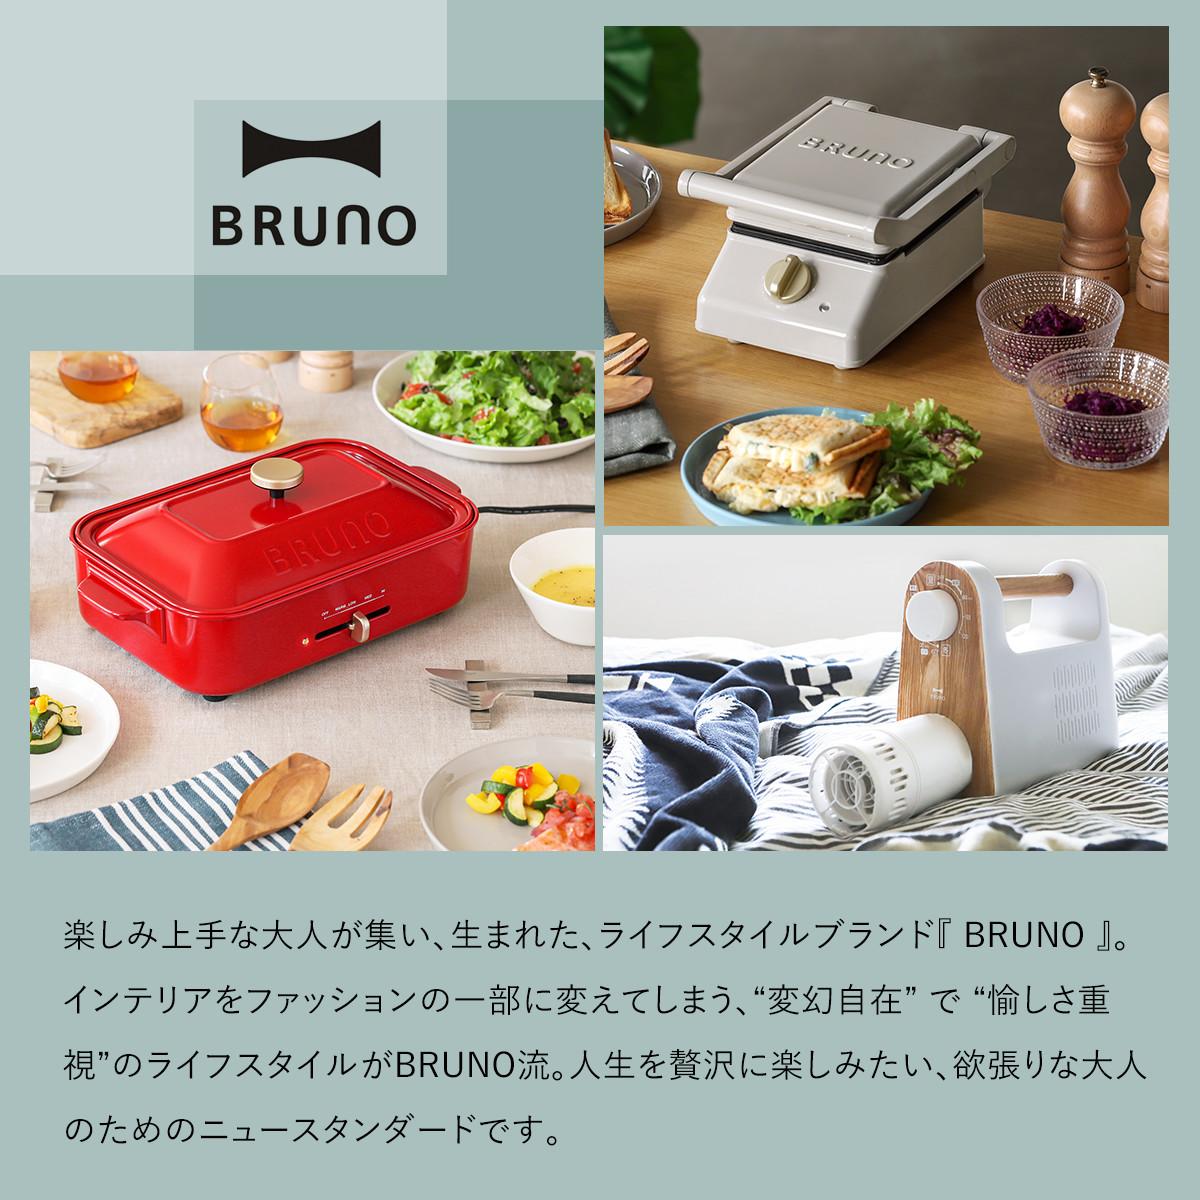 デザイン家電>生活・キッチン家電>ベイカー・ホットプレート>BRUNO ホットプレート グランデサイズ 別売りオプション